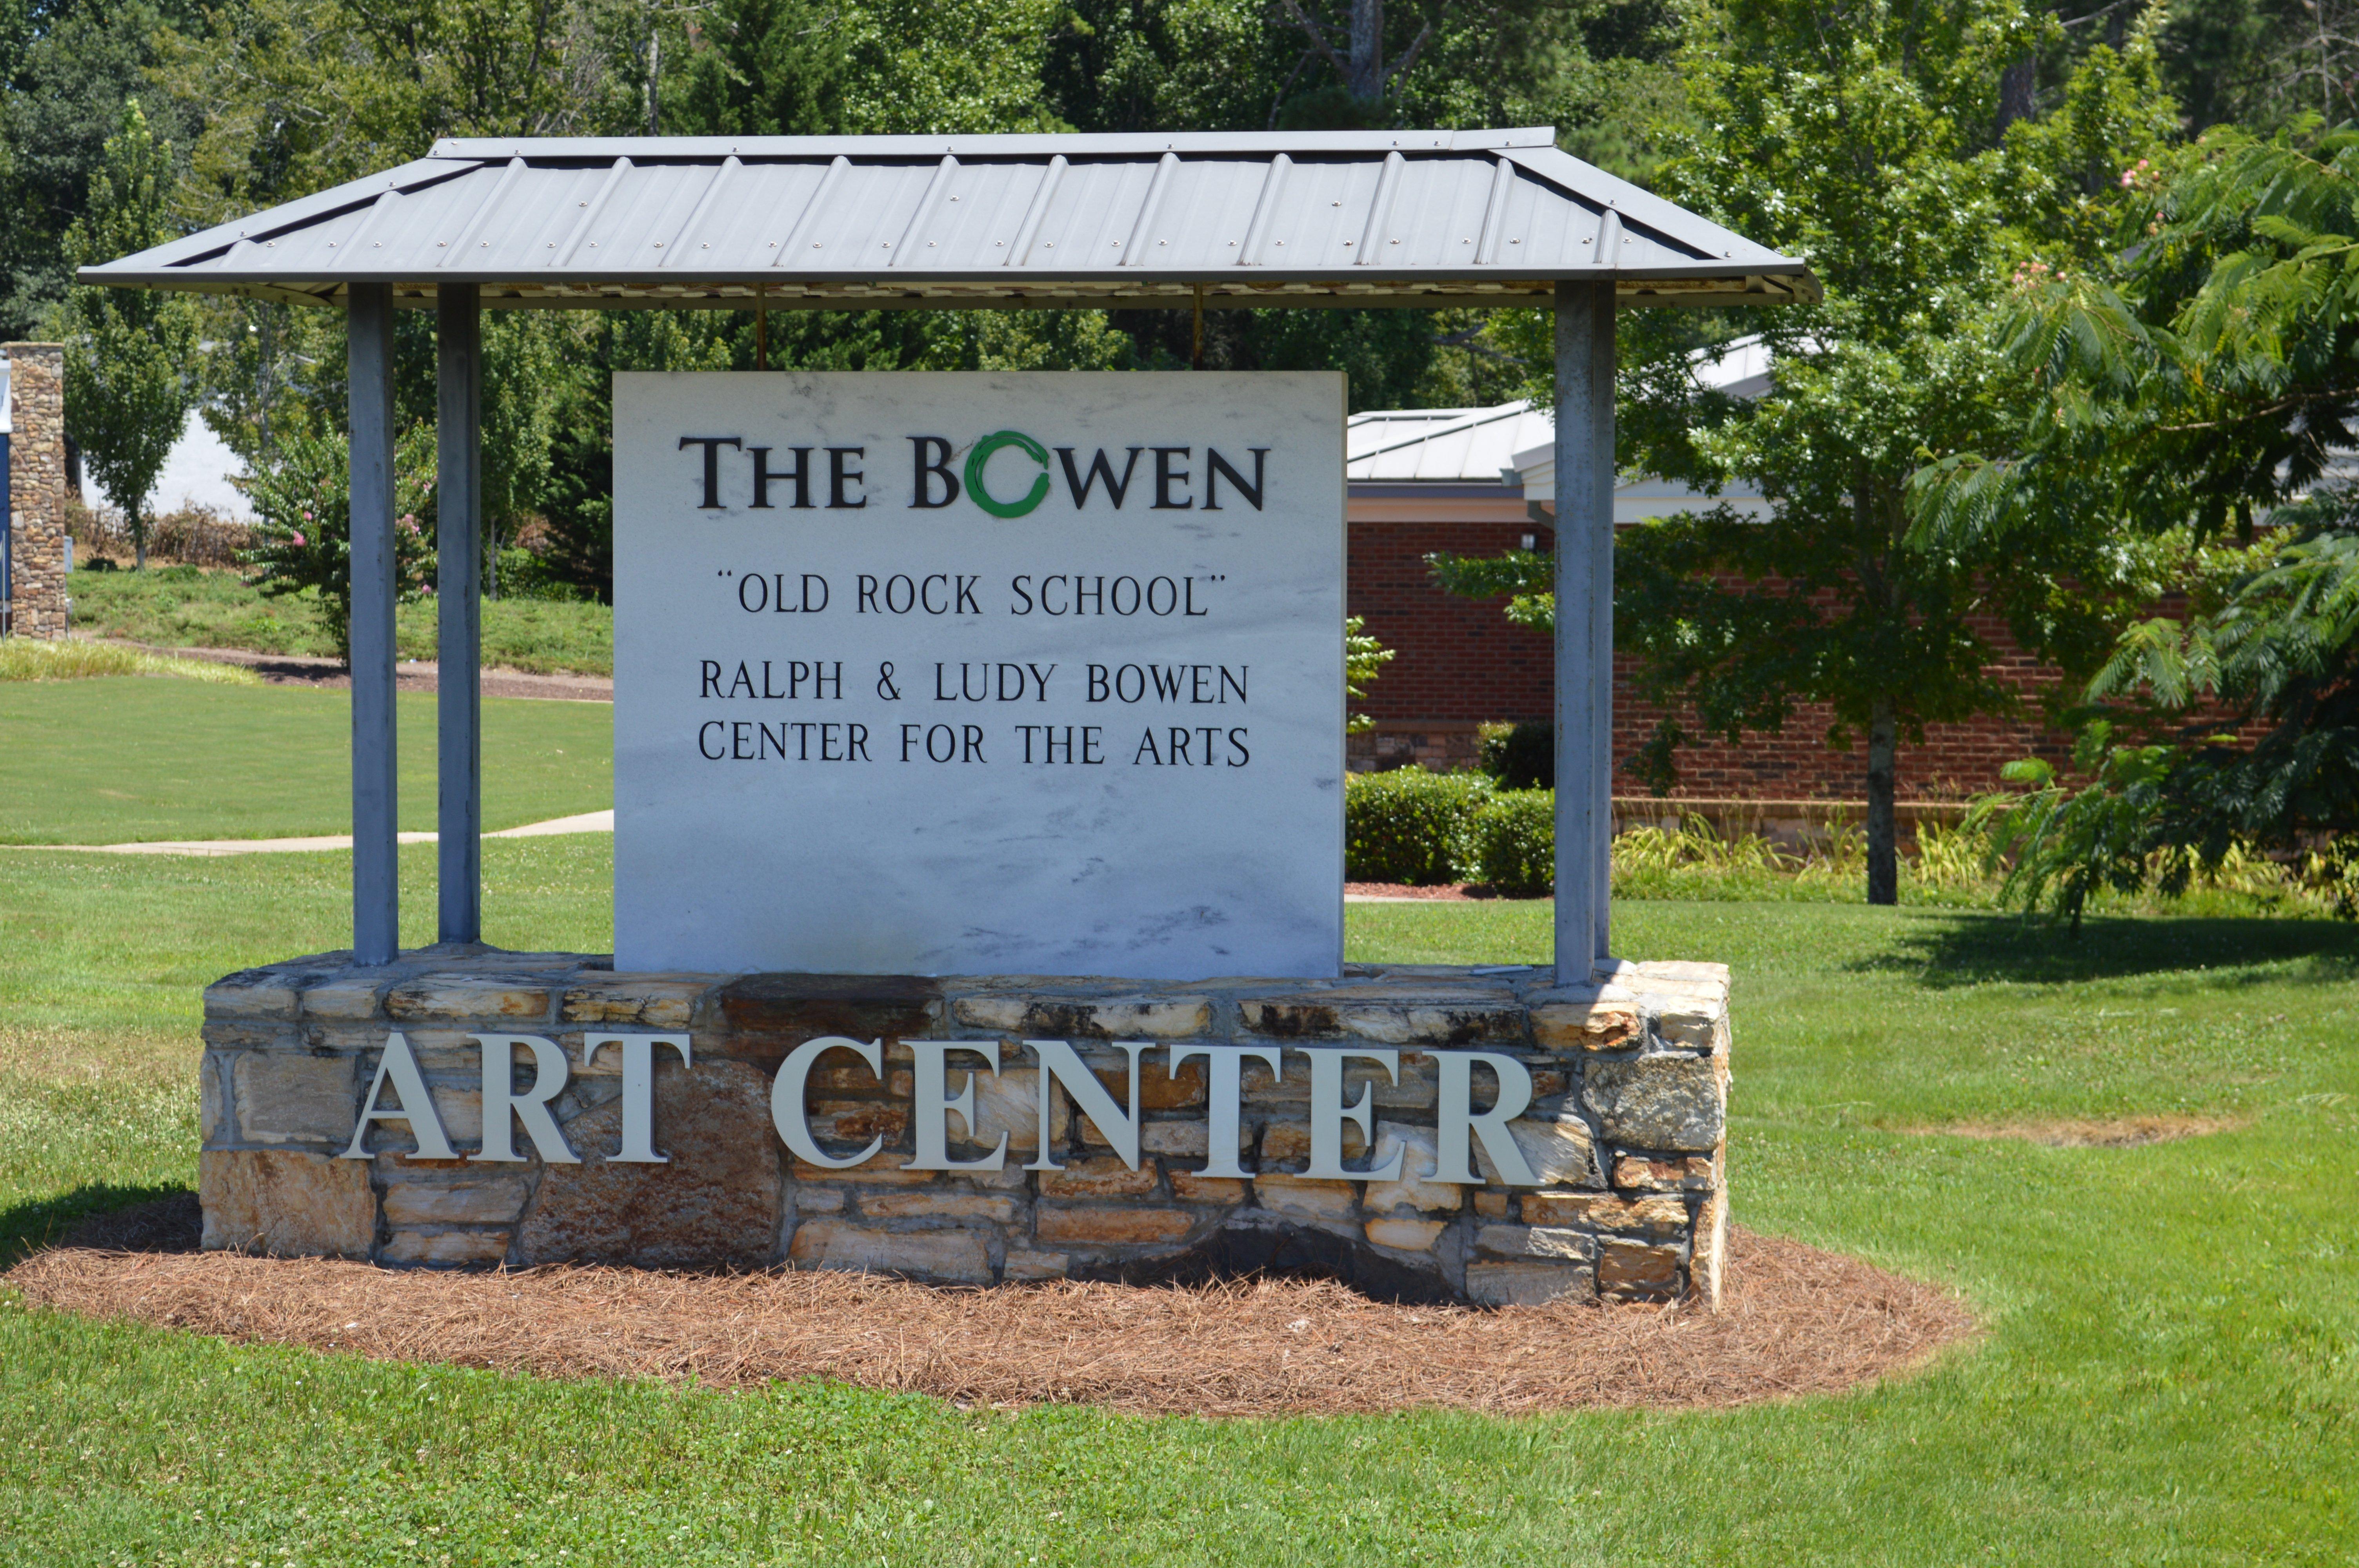 The Bowen